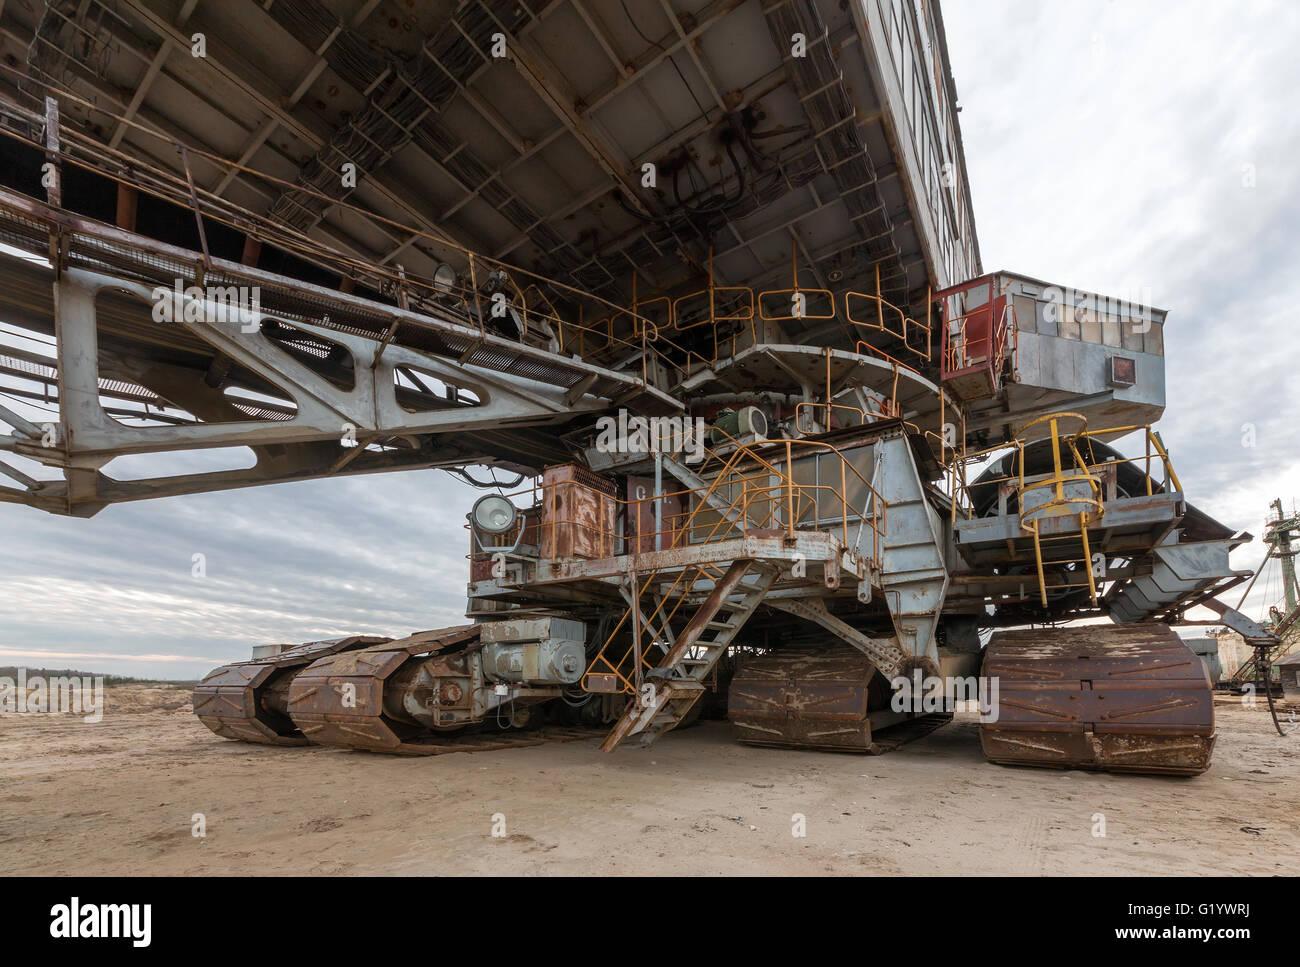 giant cat excavator - photo #17